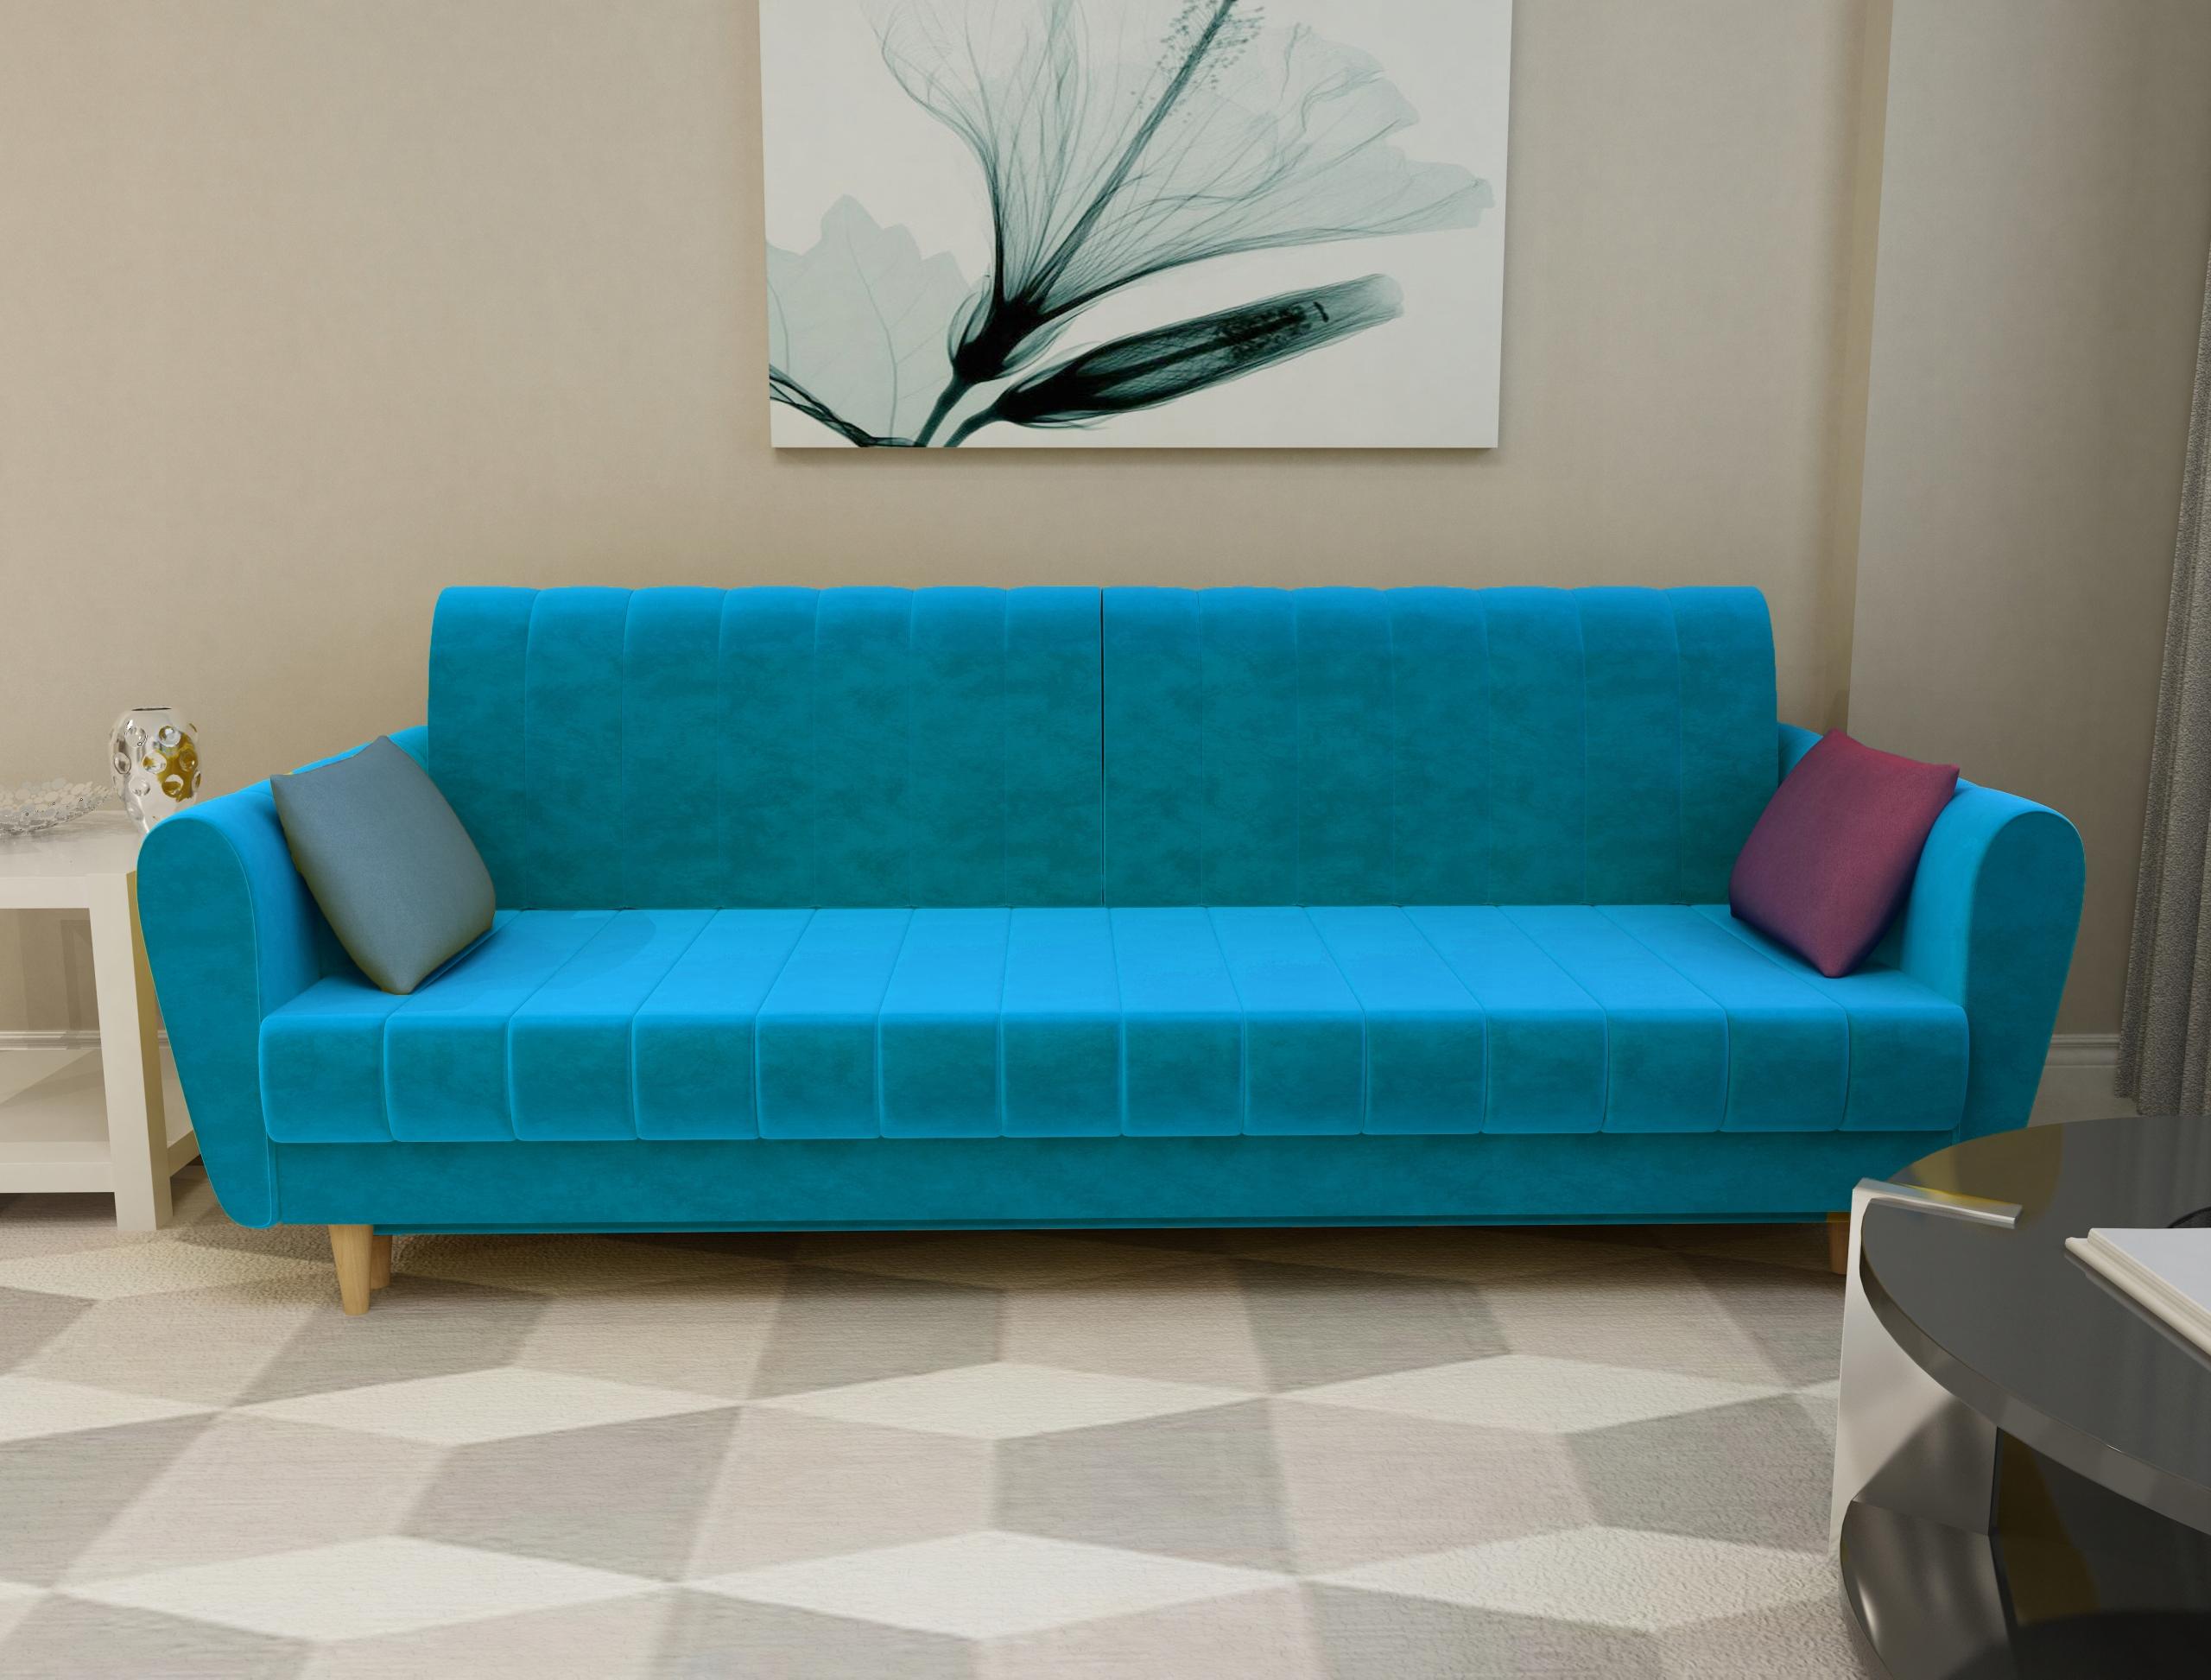 Rozkladacia posteľ Retro sklopná pružinová nádoba